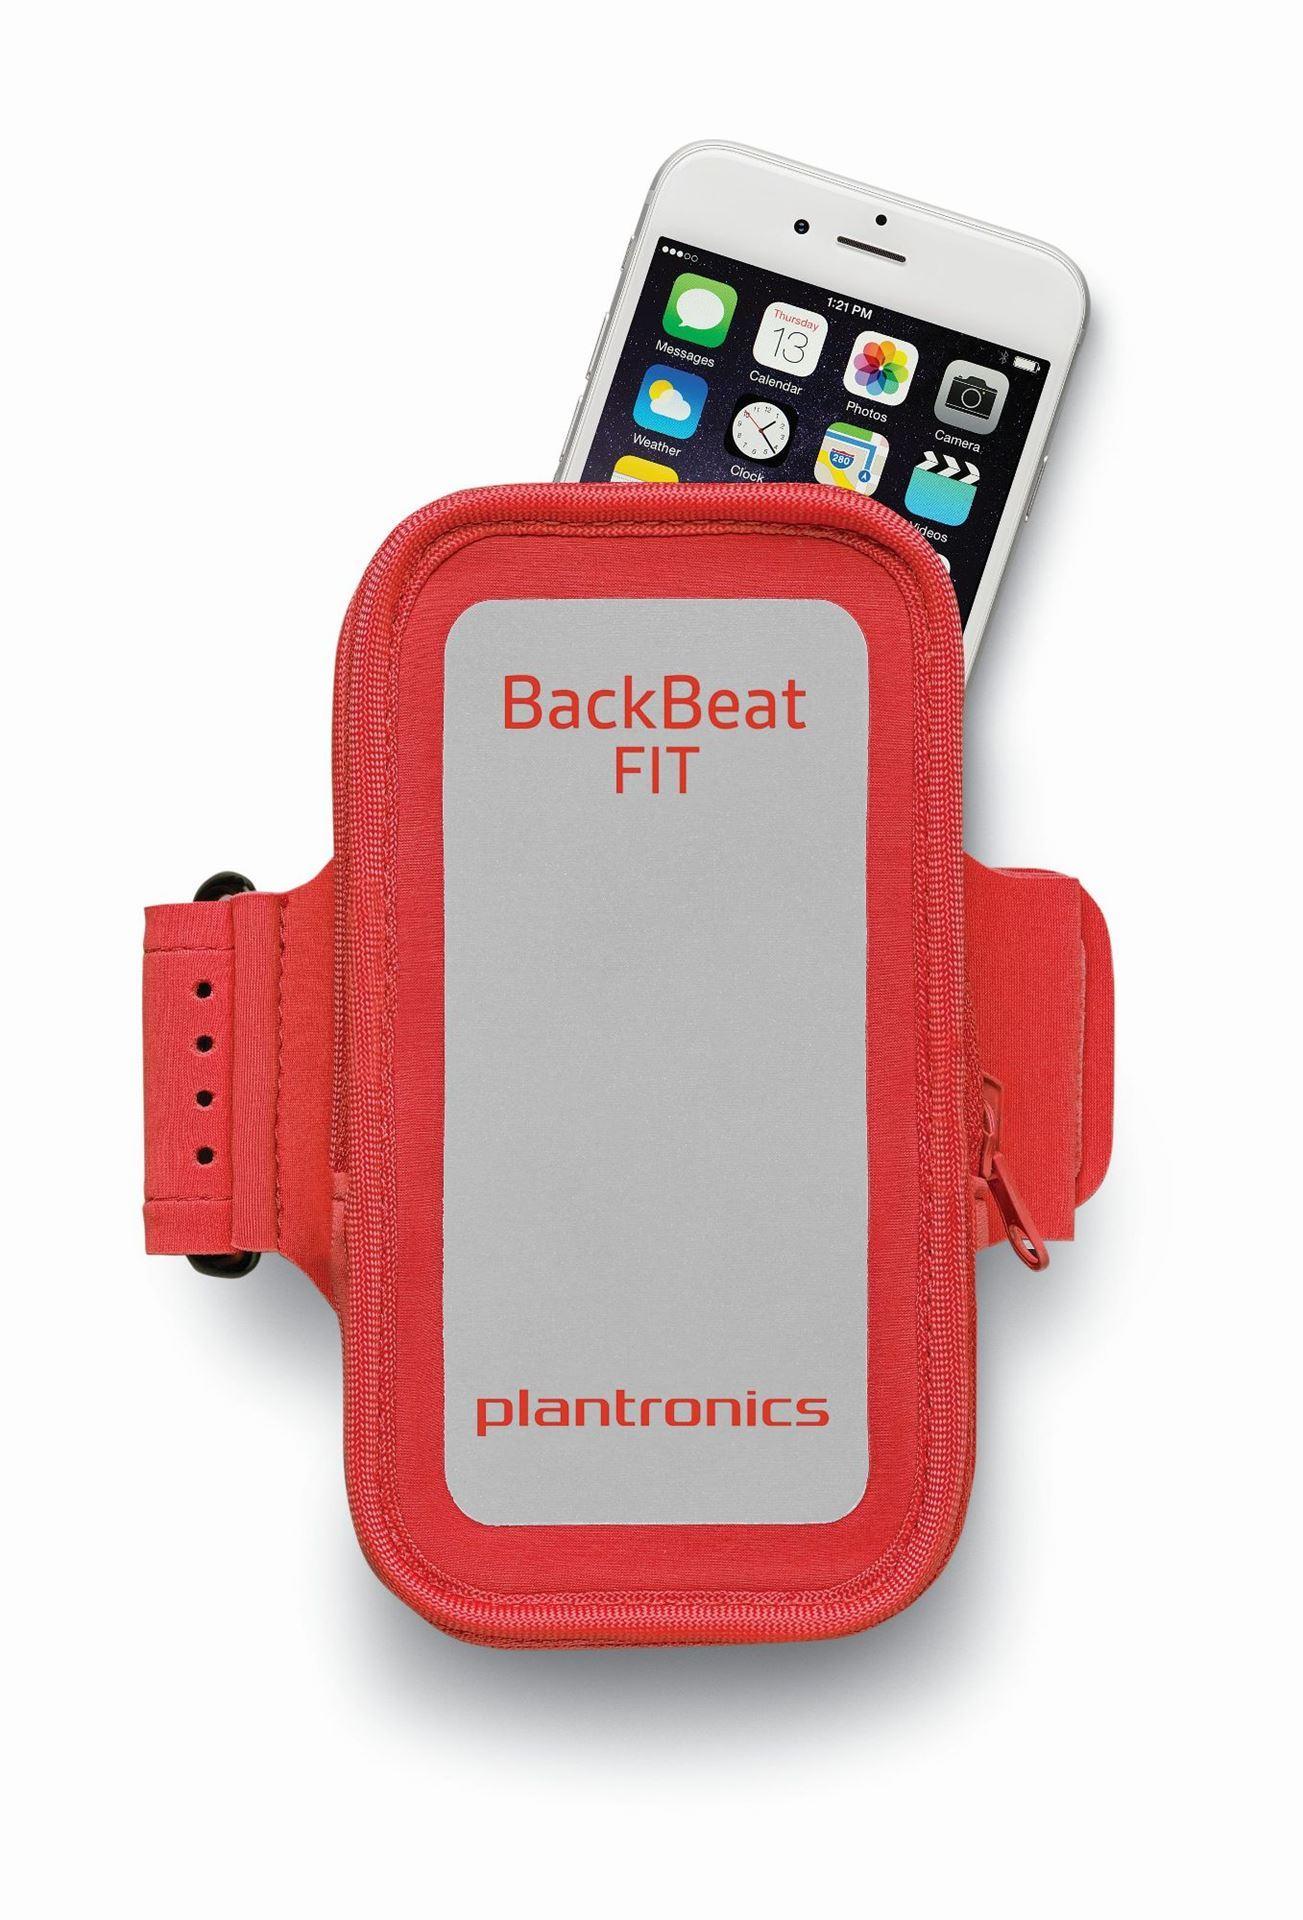 0002132_plantronics-backbeat-fit-with-armband.jpeg